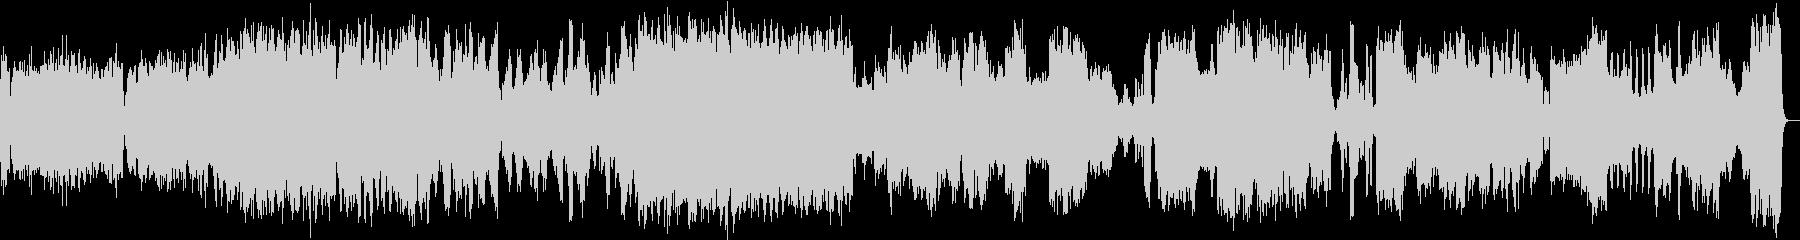 アントニン・ドヴォルザークのカバーの未再生の波形